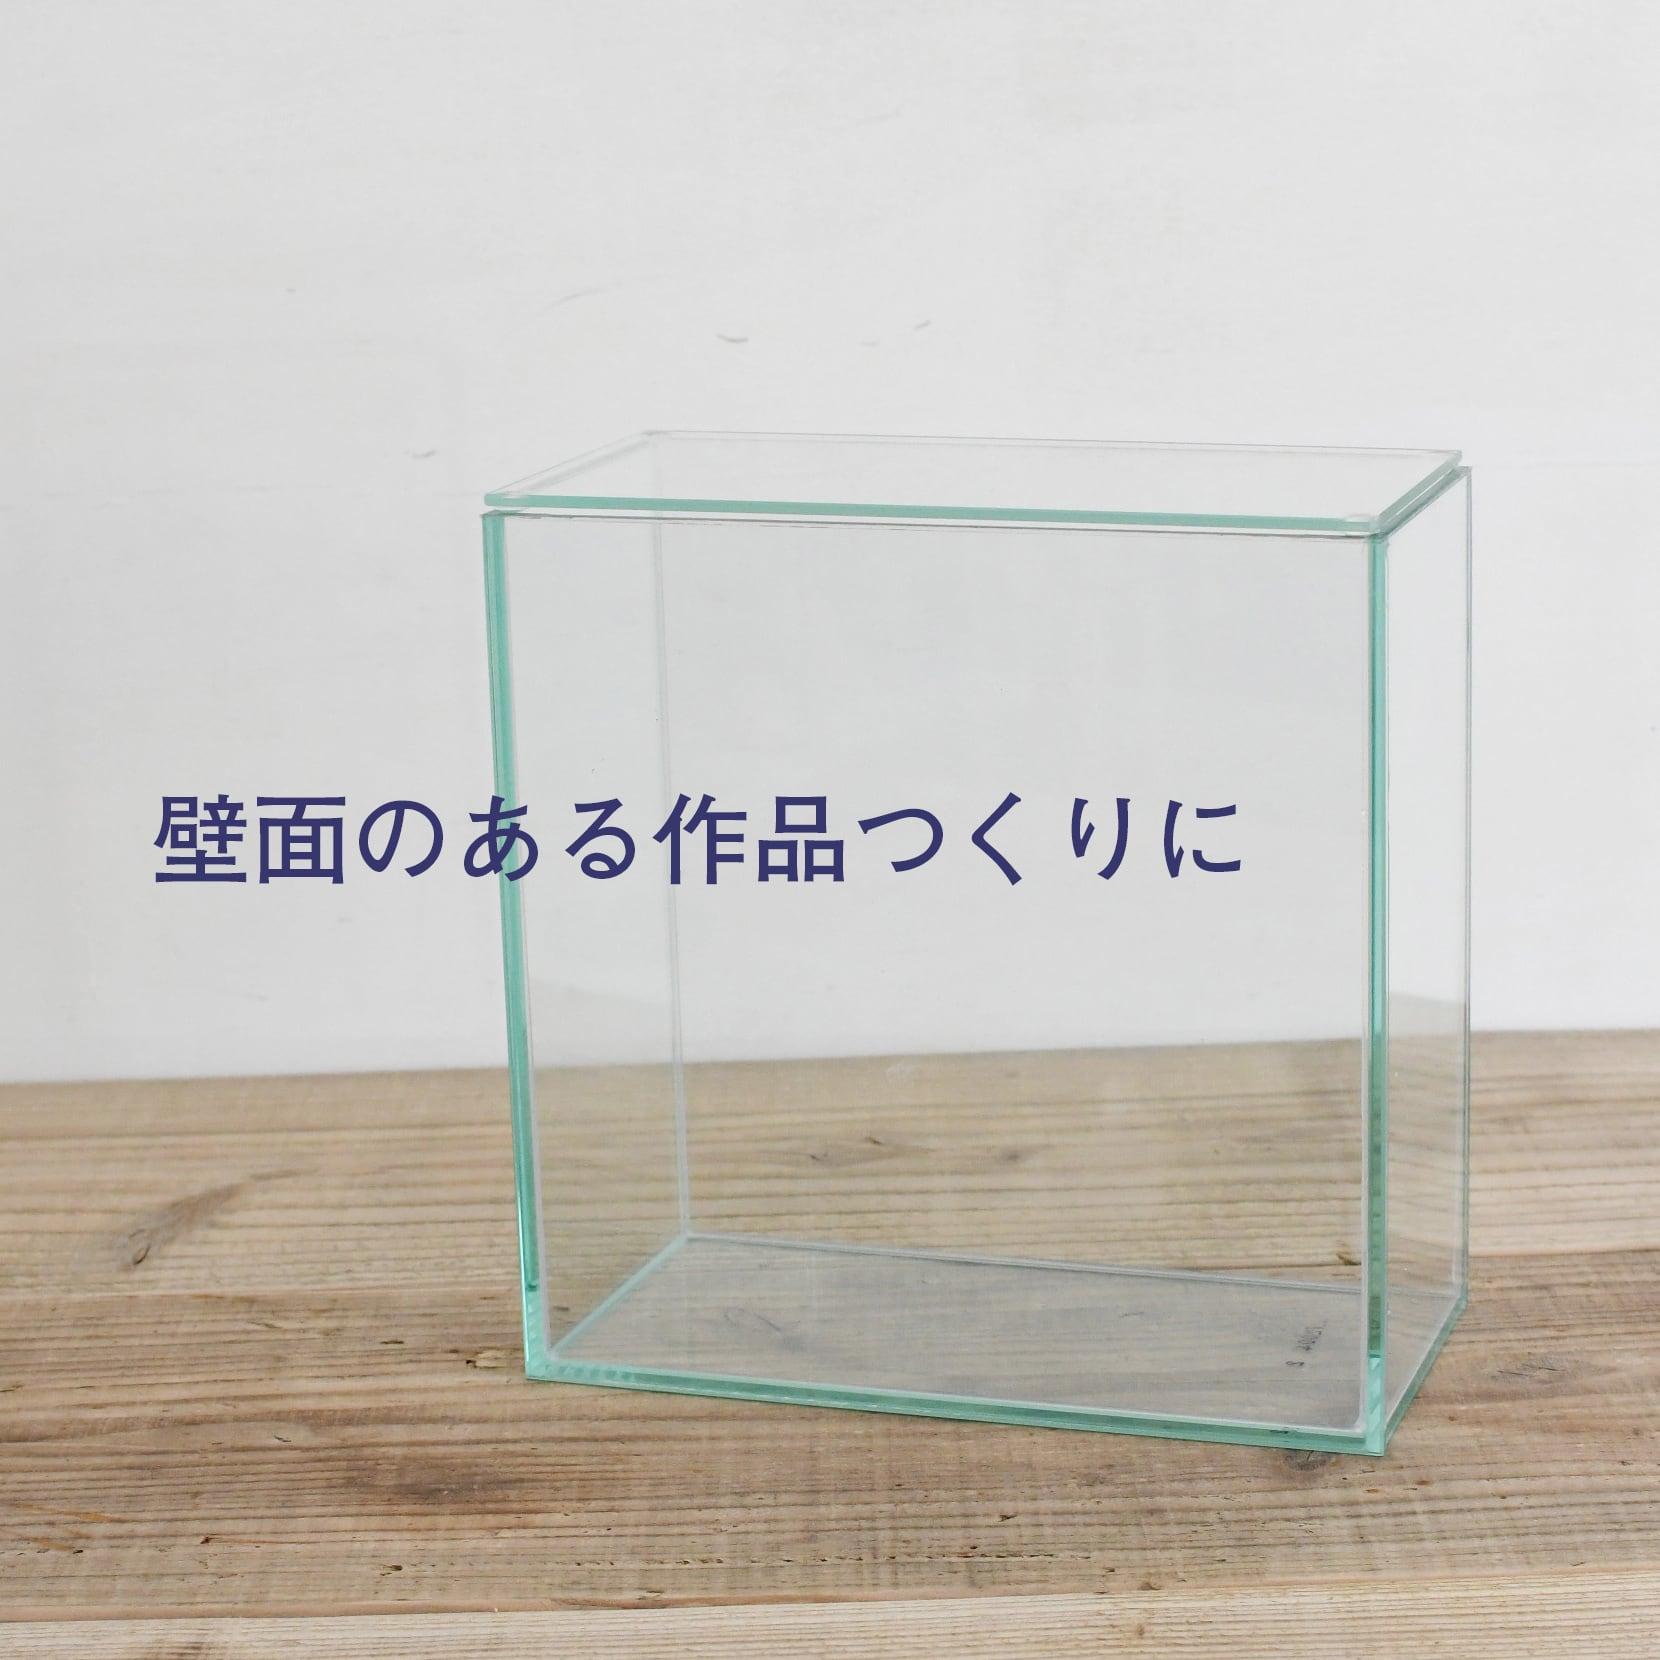 【ガラス容器】フィット200x100High(200x100xh200mm)◆苔壁のある作品つくりに